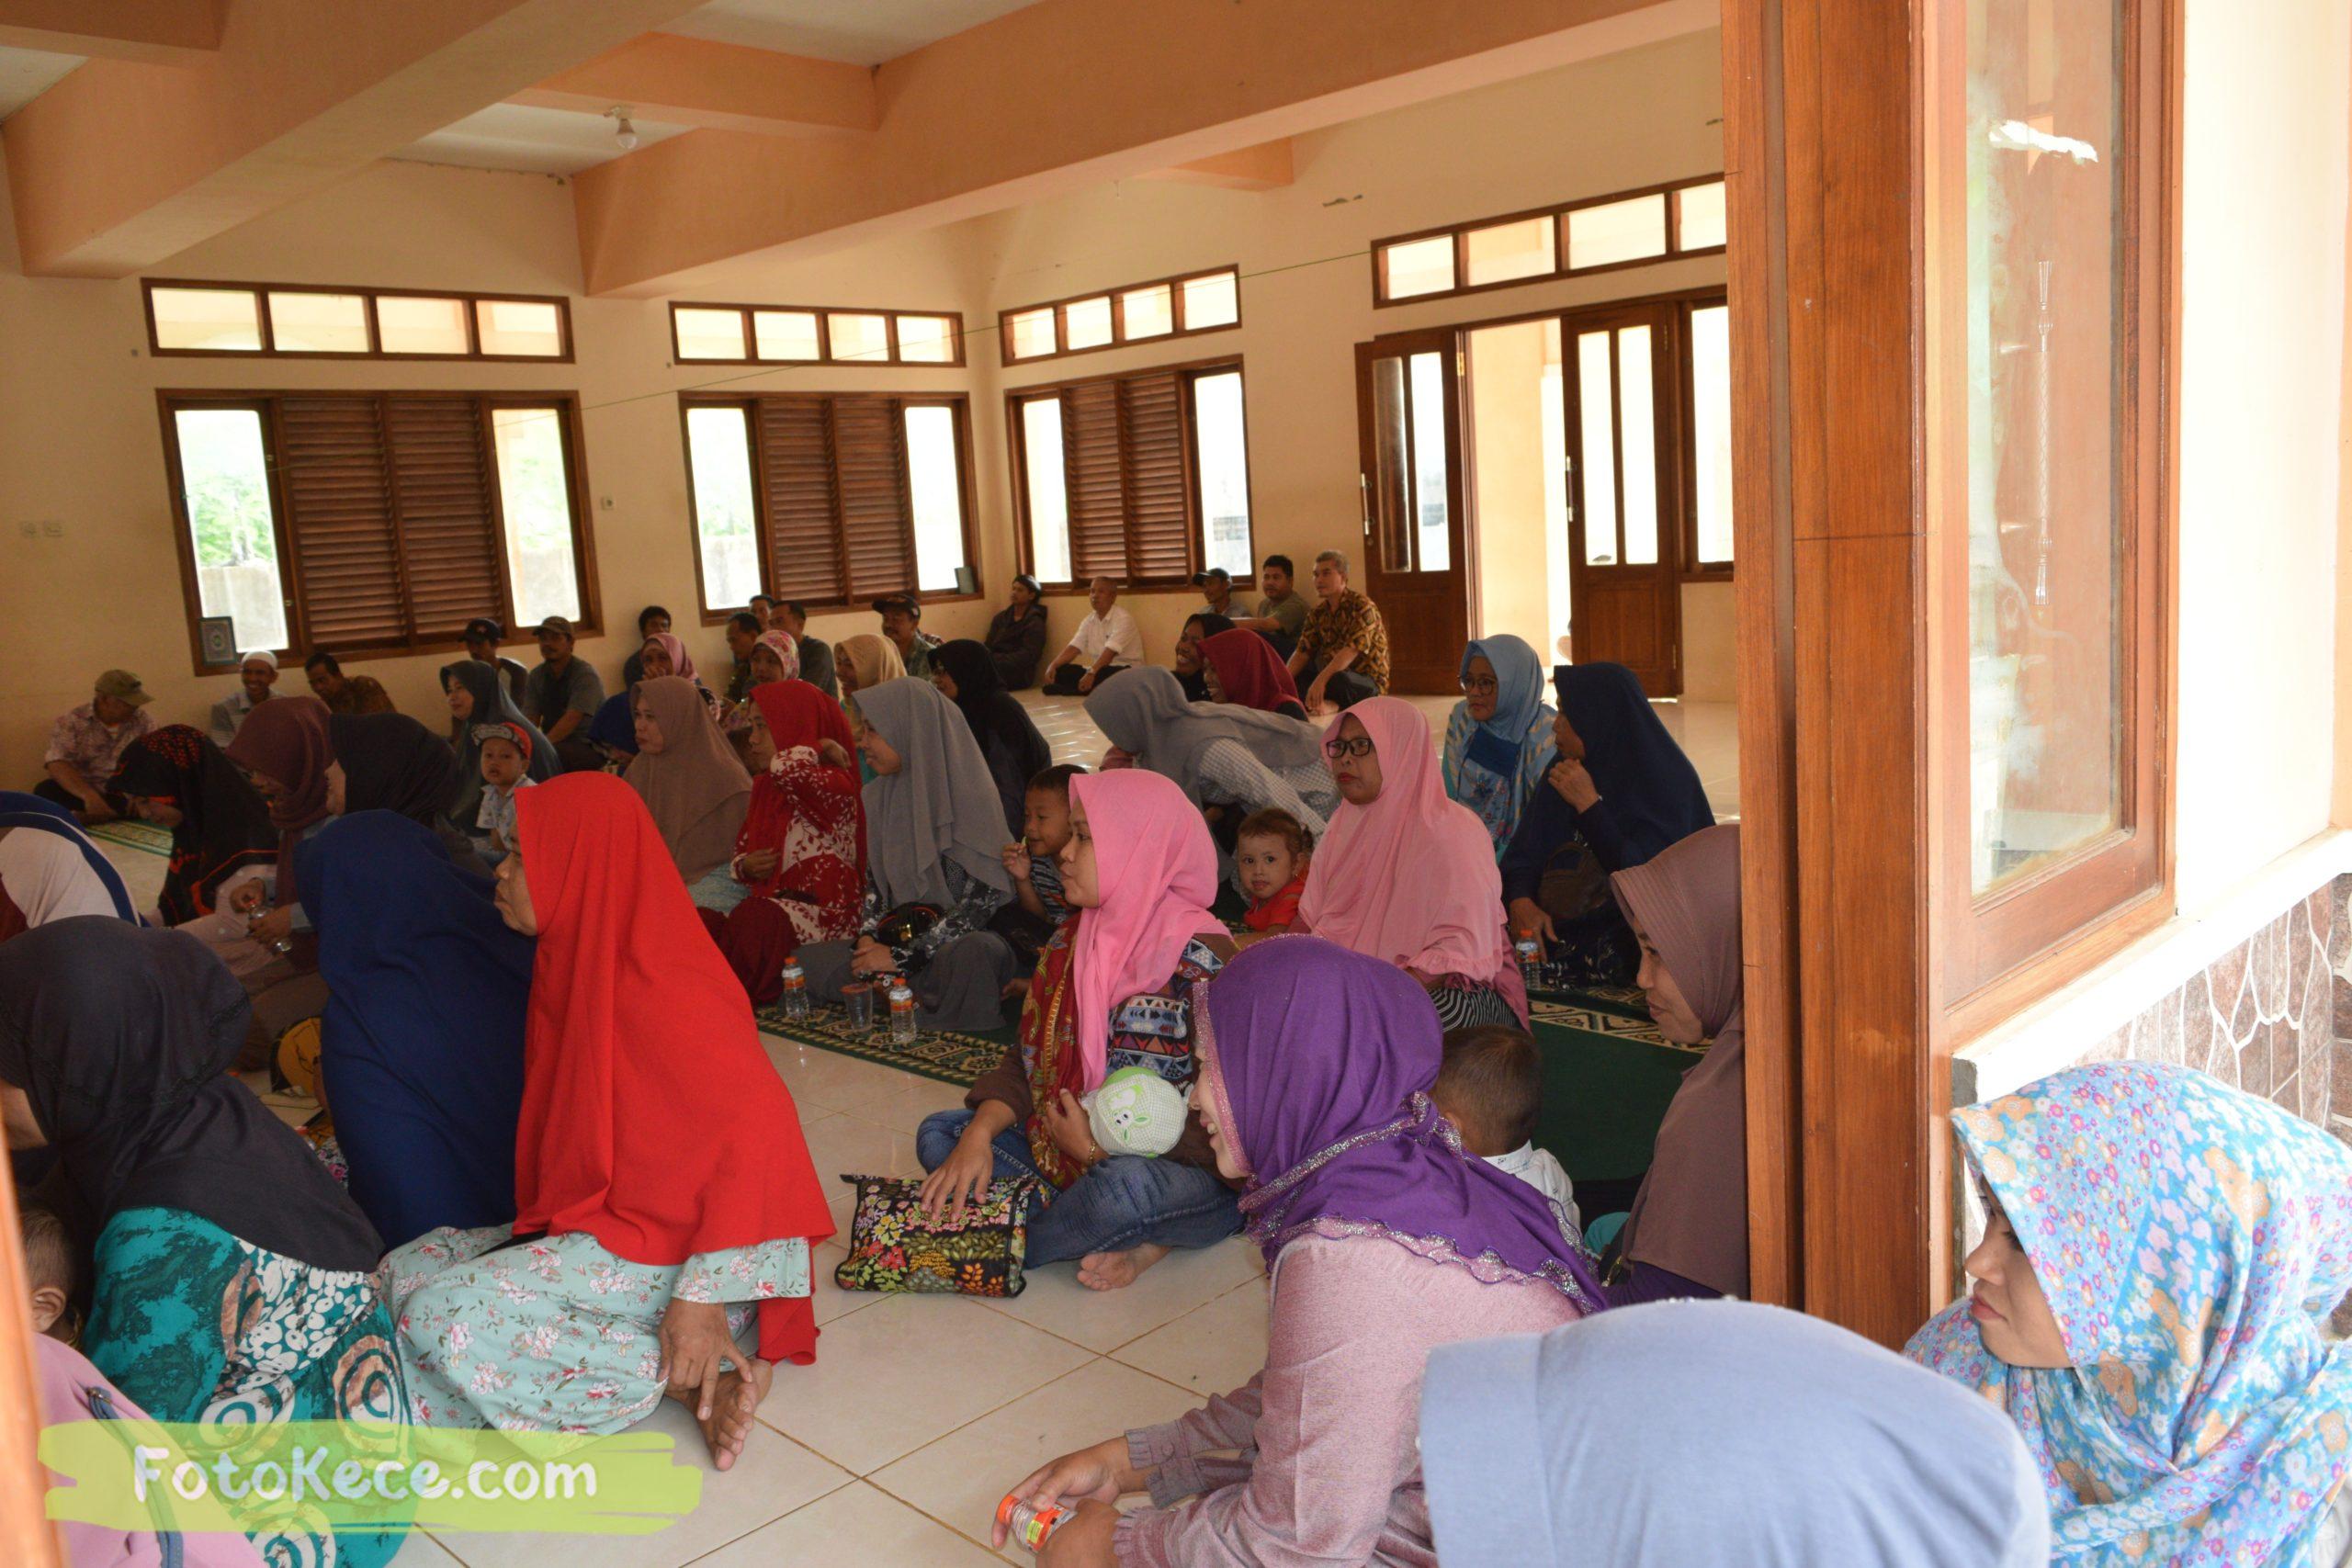 rapat komite ortu siswa kelas 9 masjid mtsn 2 sukabumi 05022020 foto kece poto kece 39 scaled